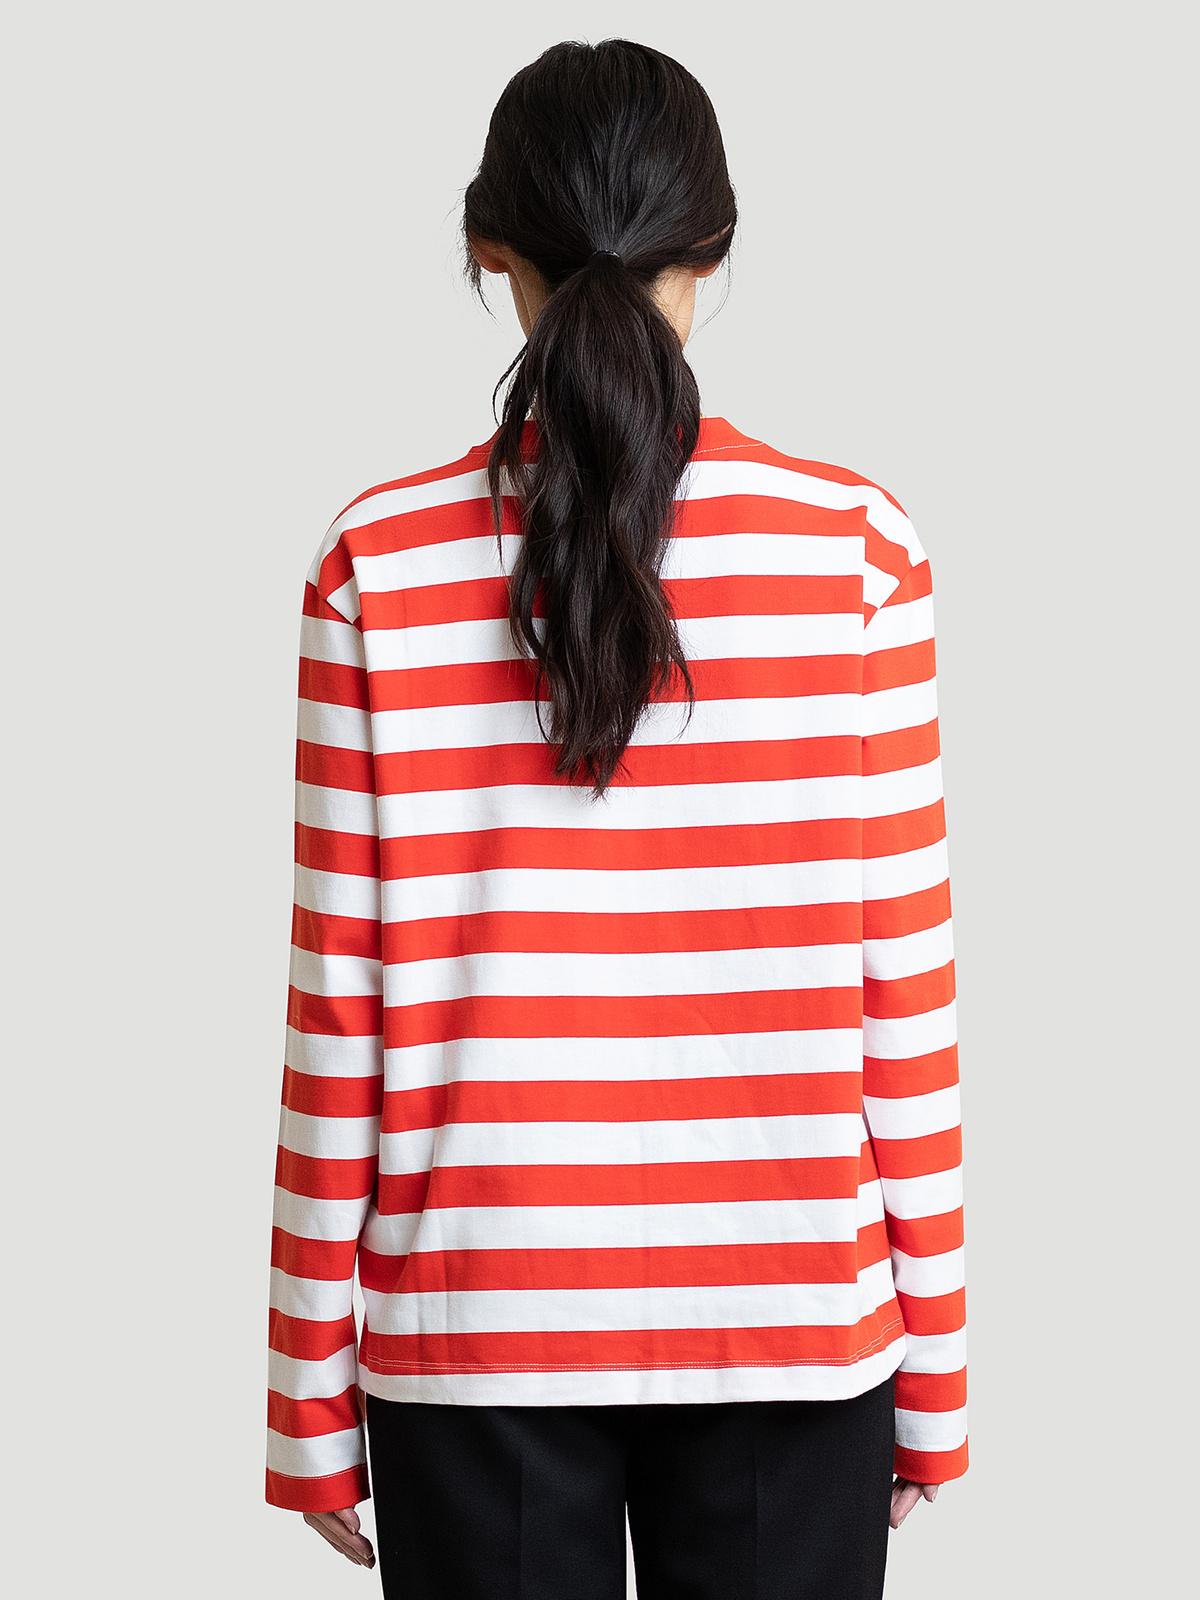 Hanger Striped Longsleeve Red White 11